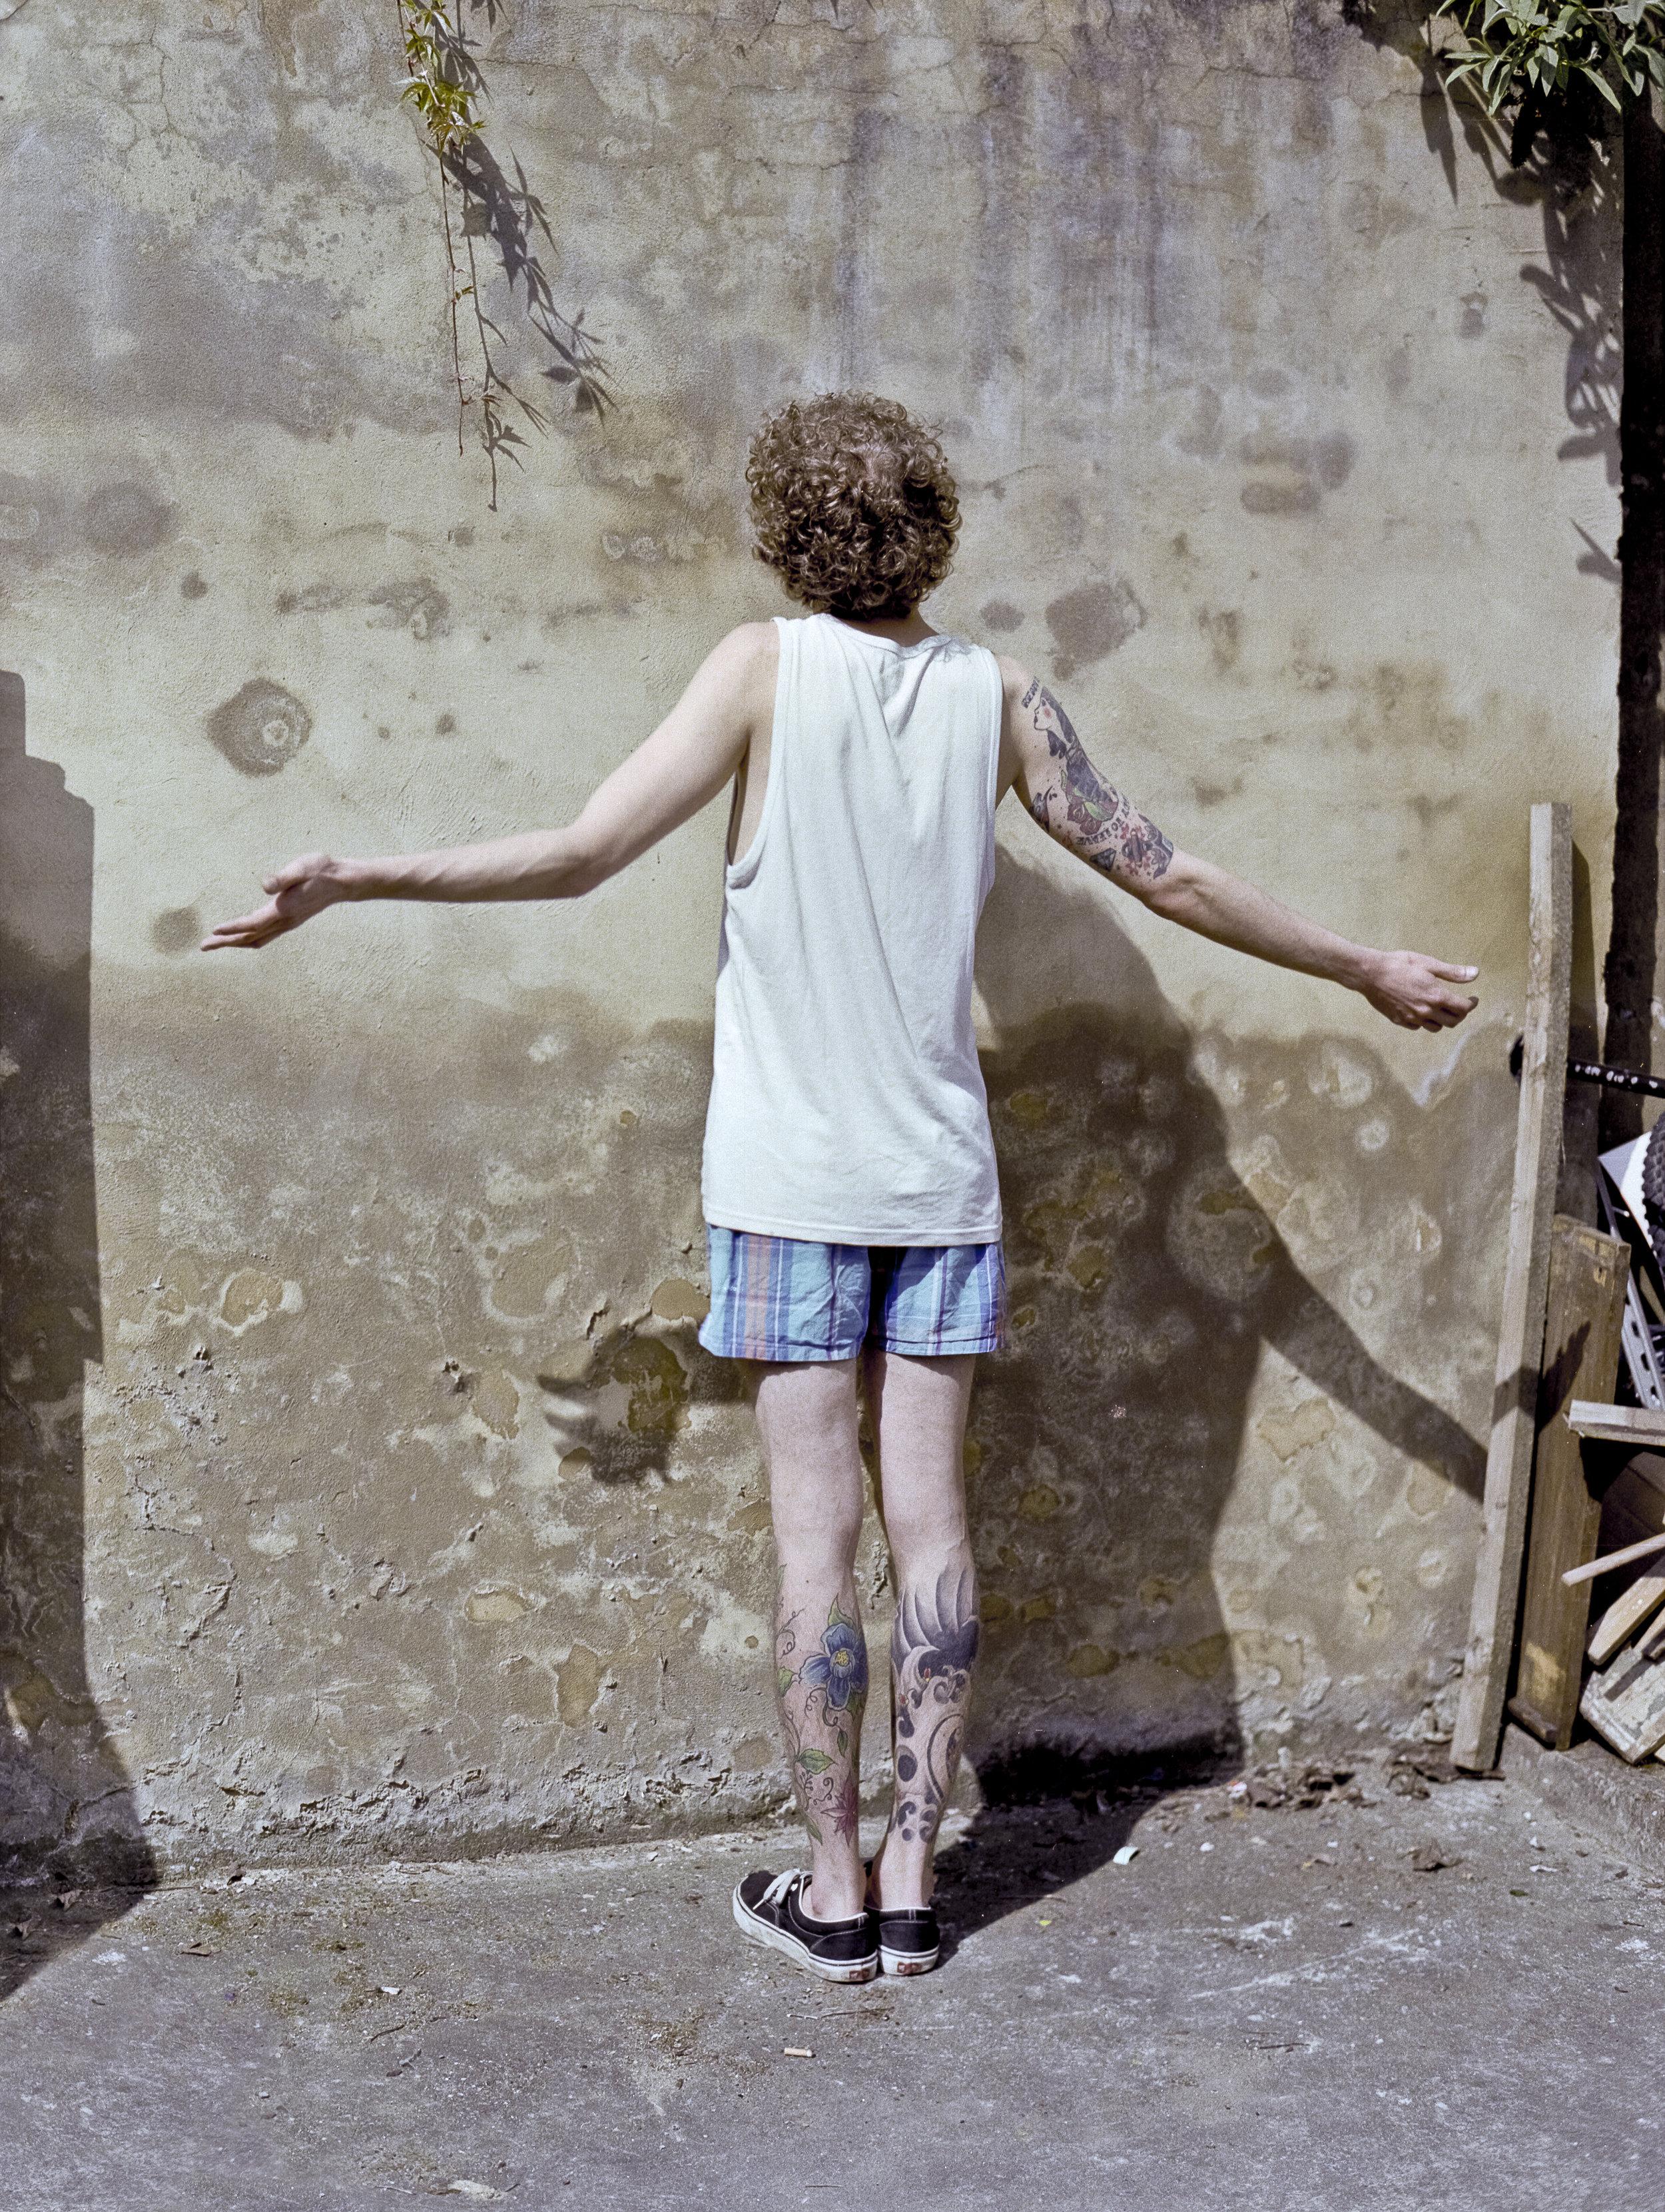 Marek_Against the Wall.jpg